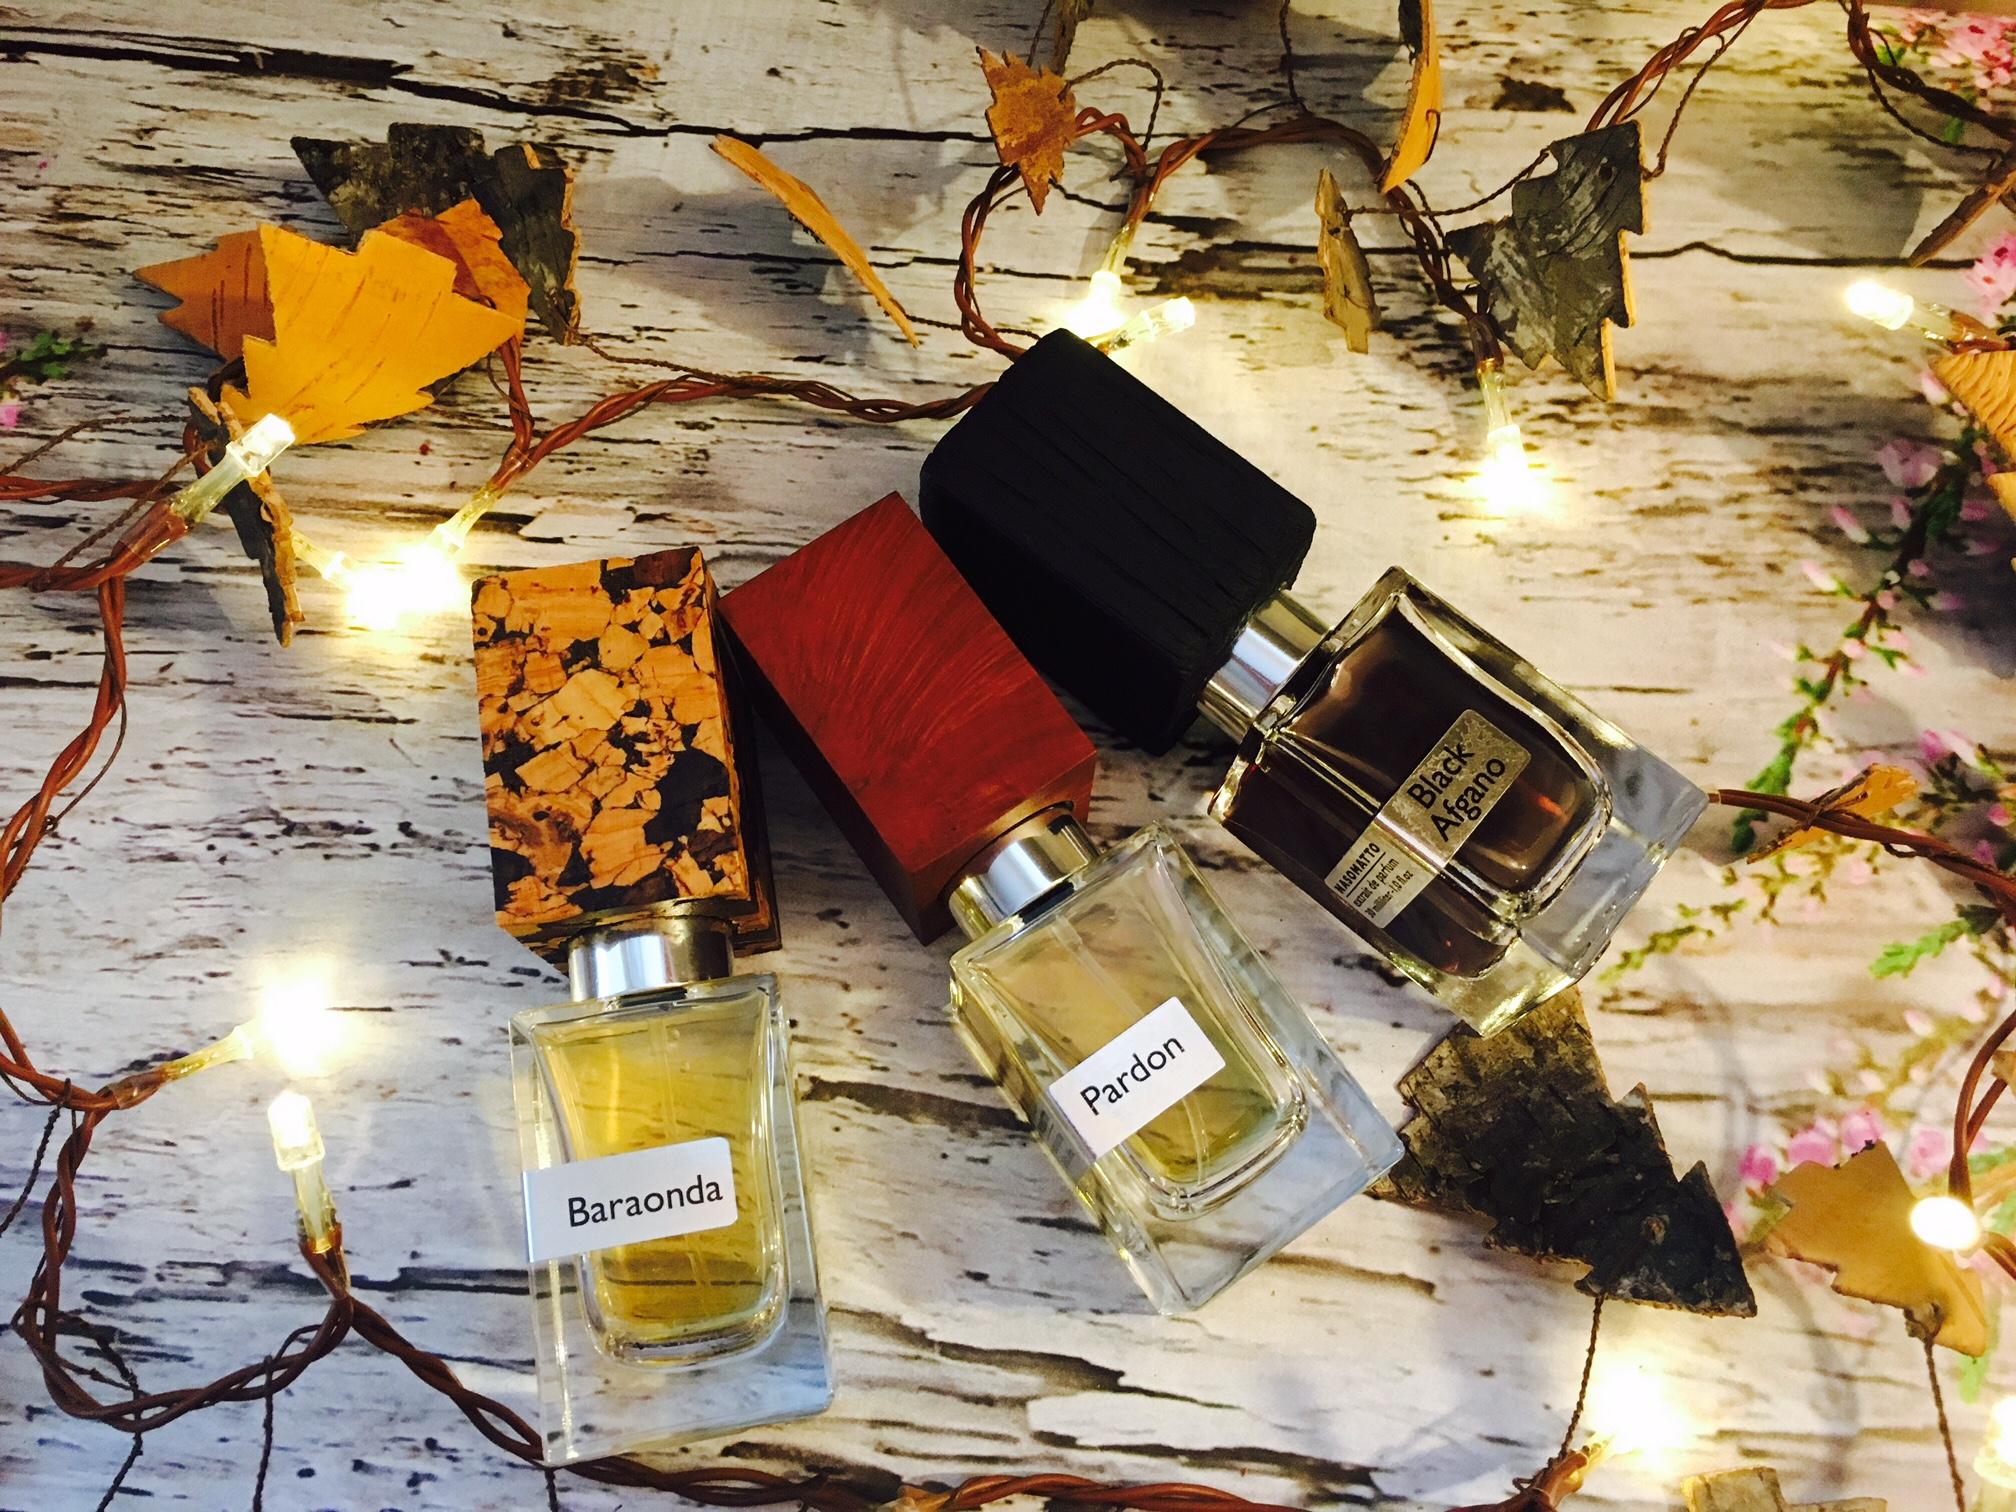 kolekcja-perfum-karoliny-14